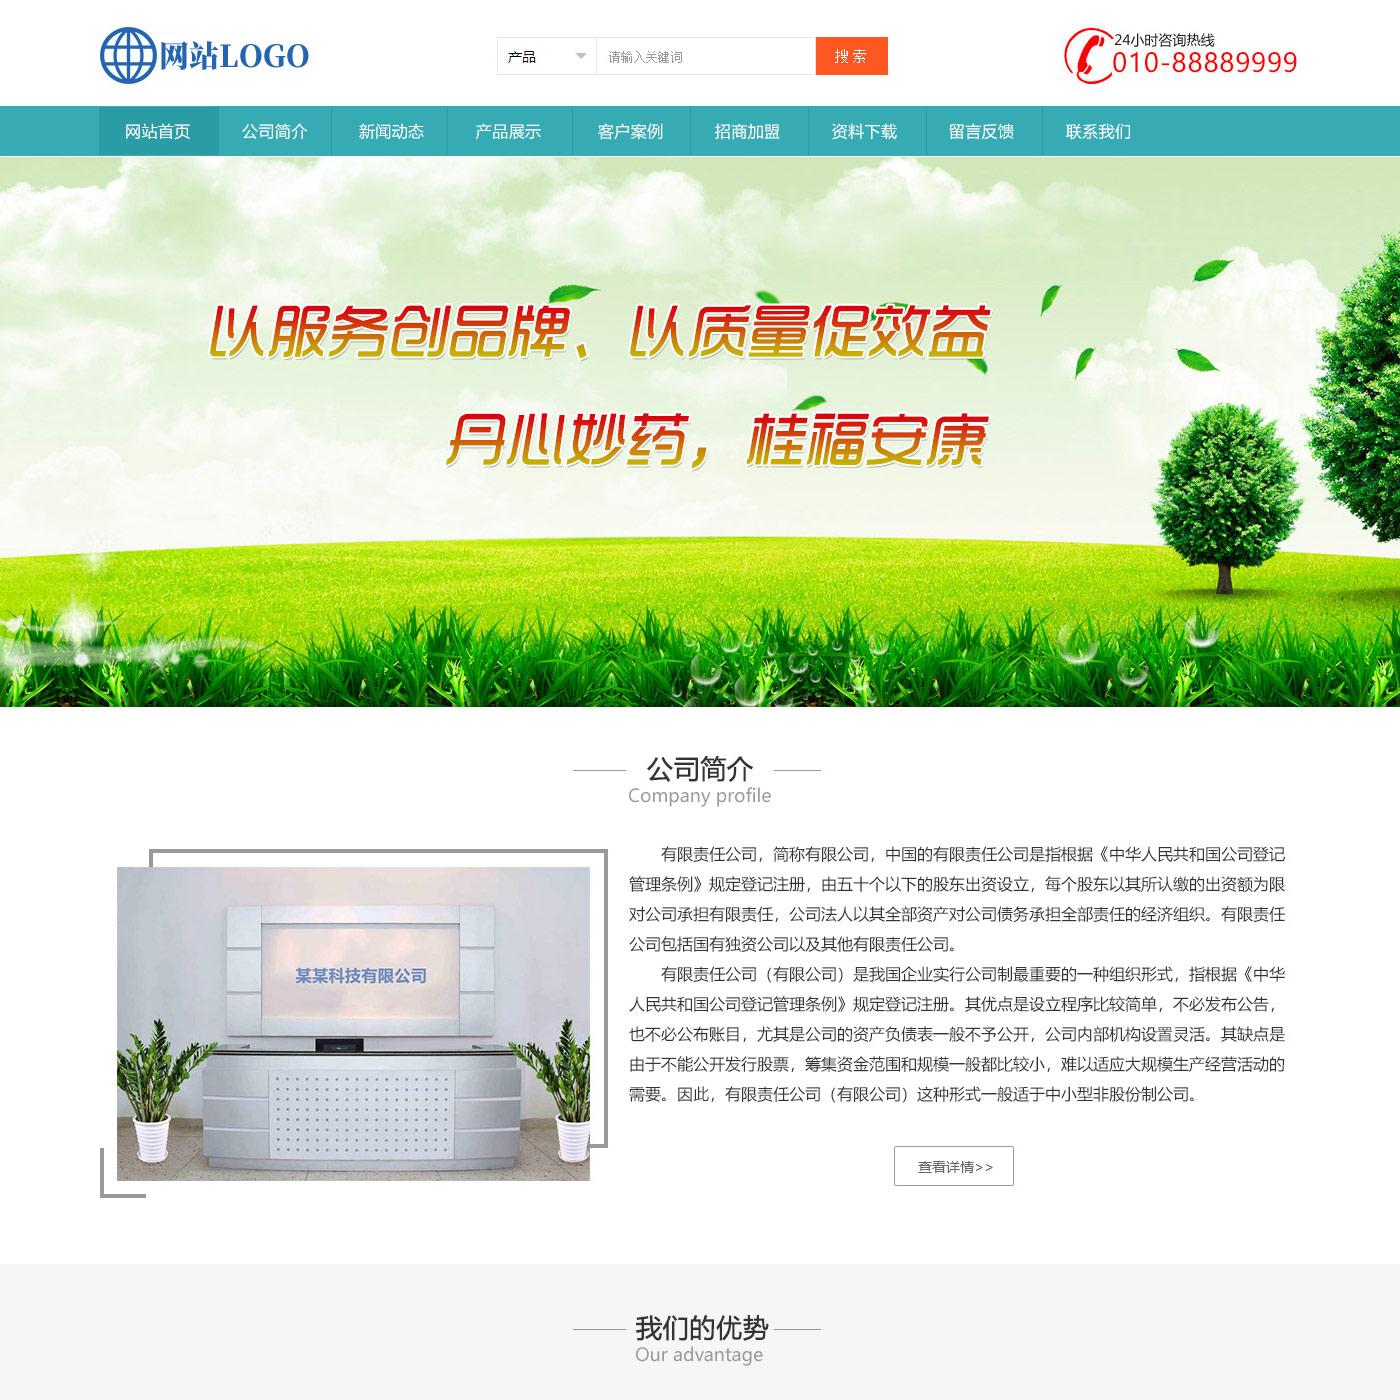 各行业通用响应式企业网站模板Q605